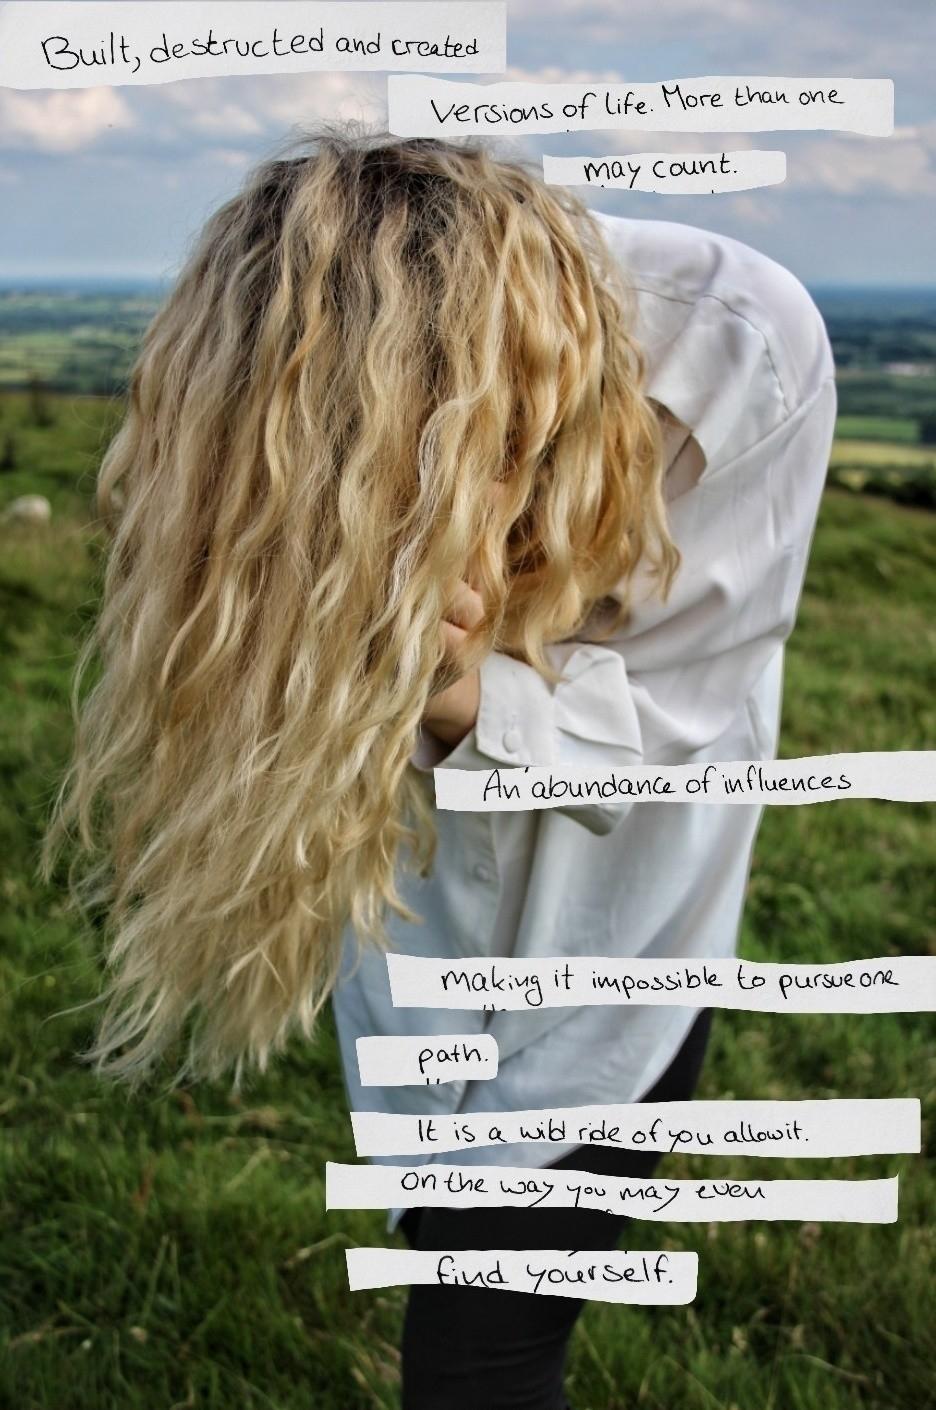 writing, vispo, poetry, poems - victoriainthewoods | ello